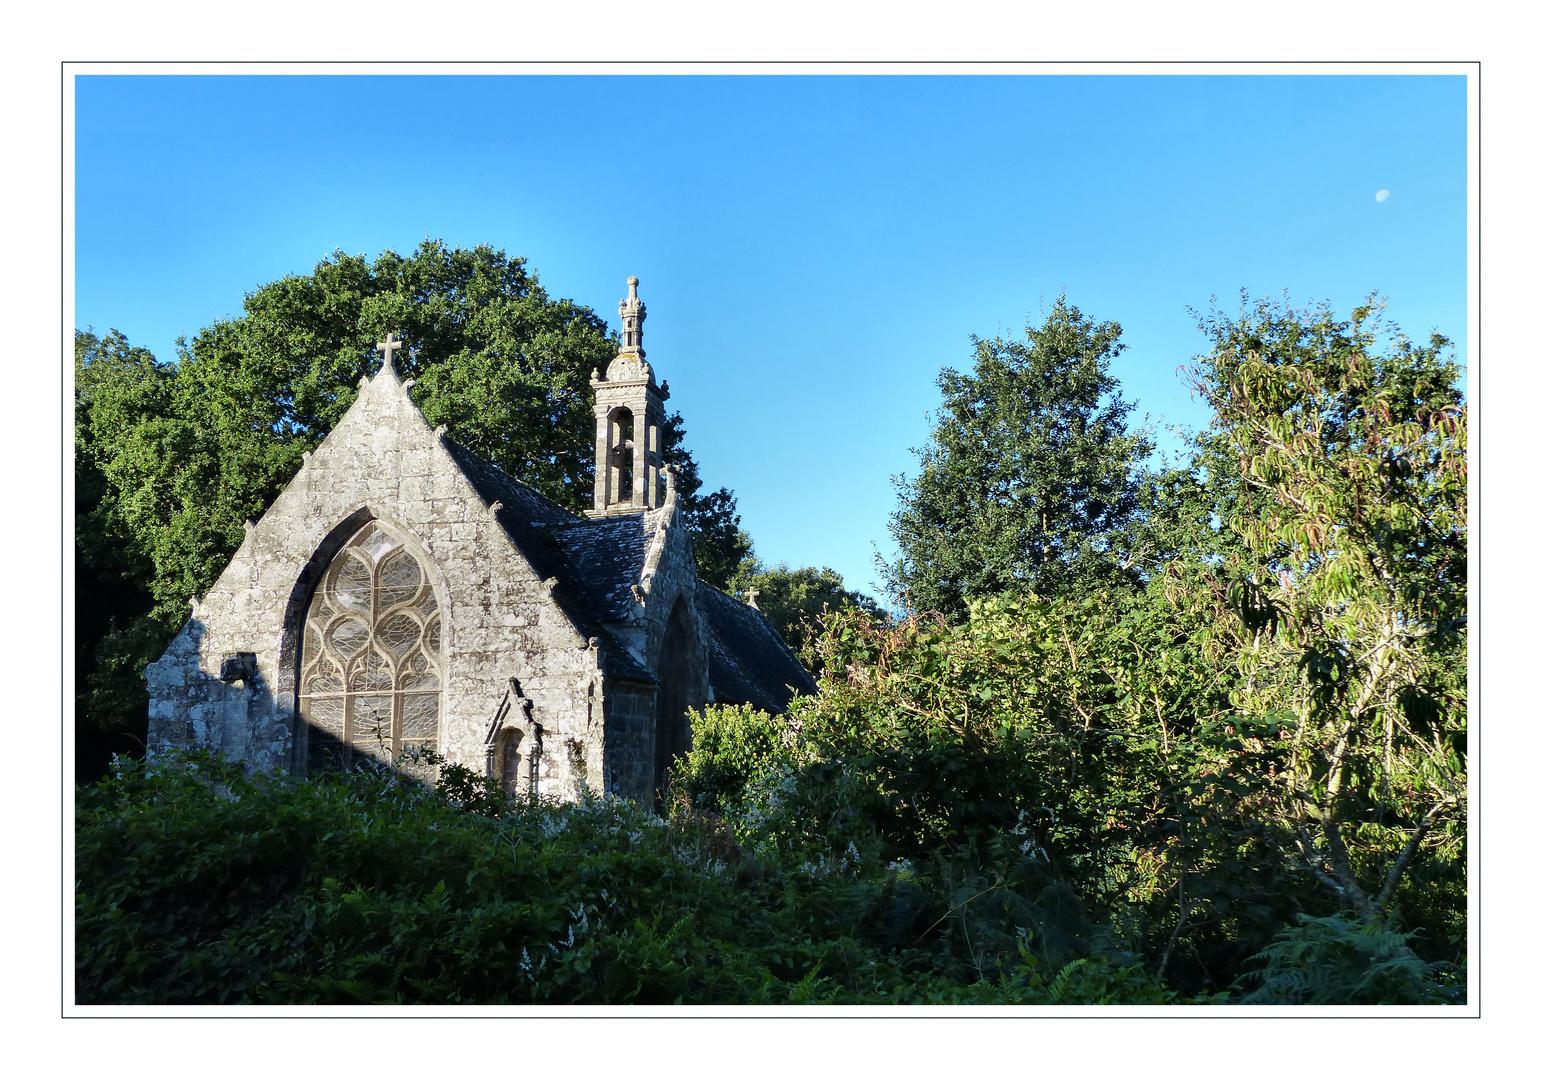 Chapel Notre Dame de Bonne Nouvelle in the morning sun